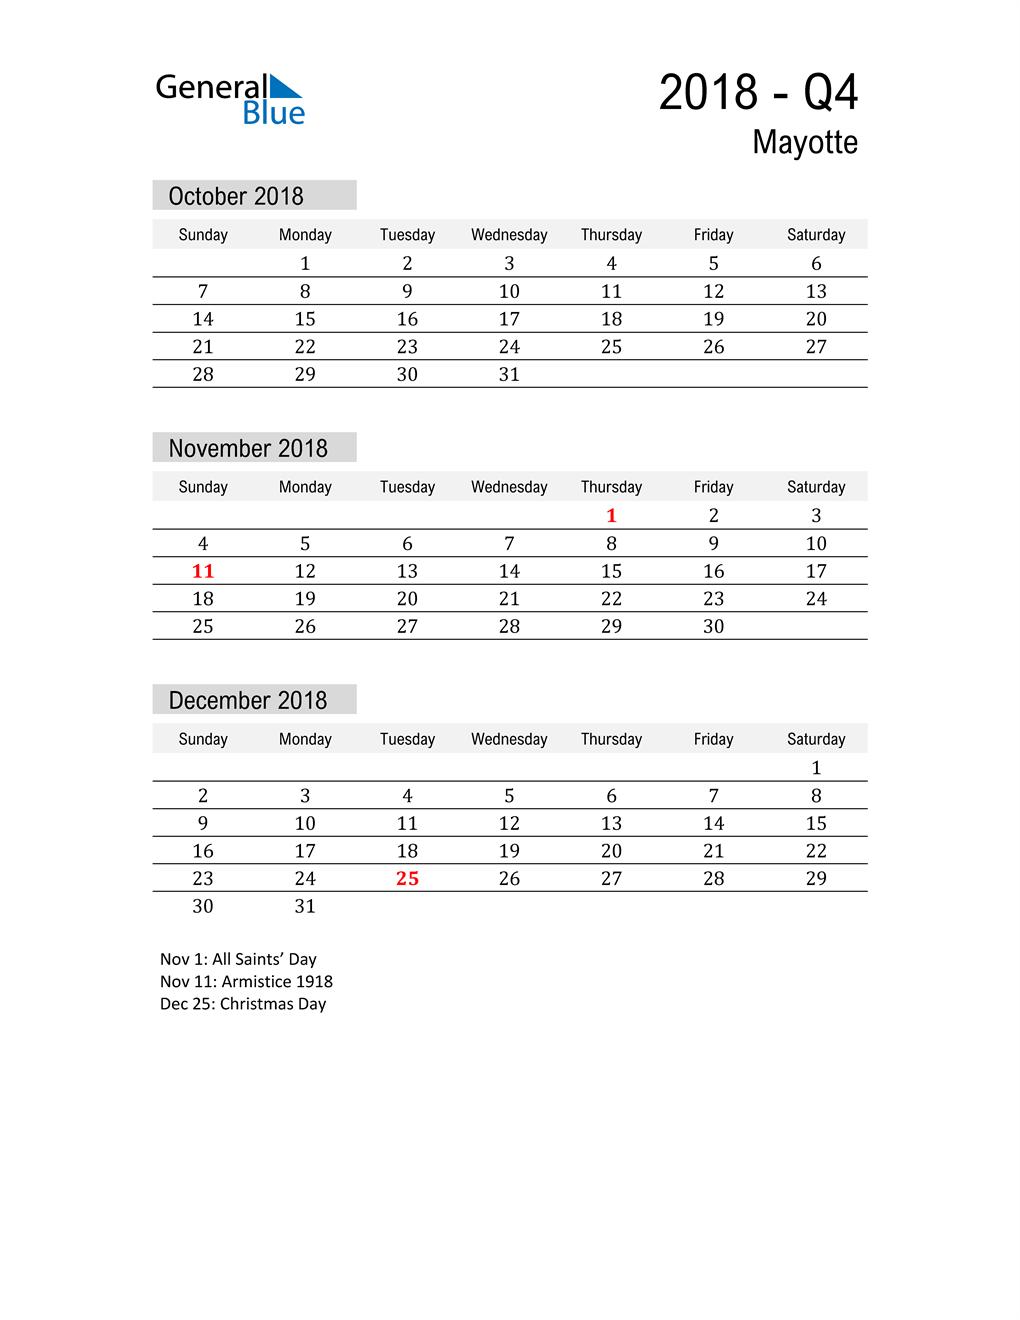 Mayotte Quarter 4 2018 Calendar